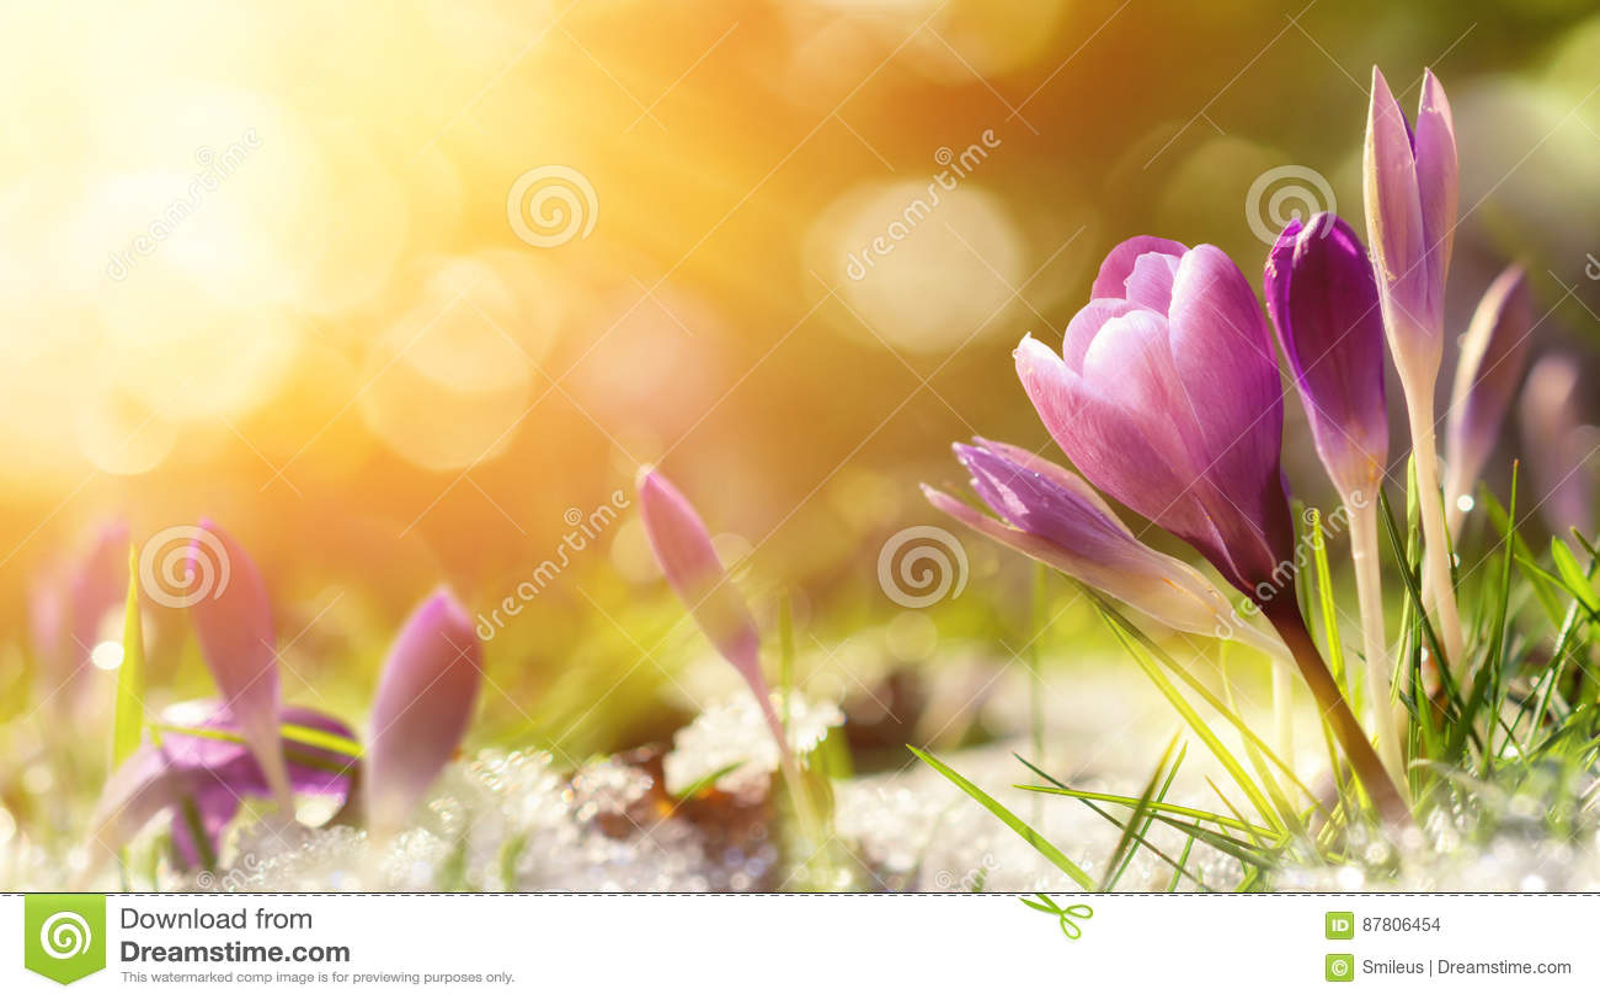 Krokusbloemen in sneeuw het wekken in warm zonlicht